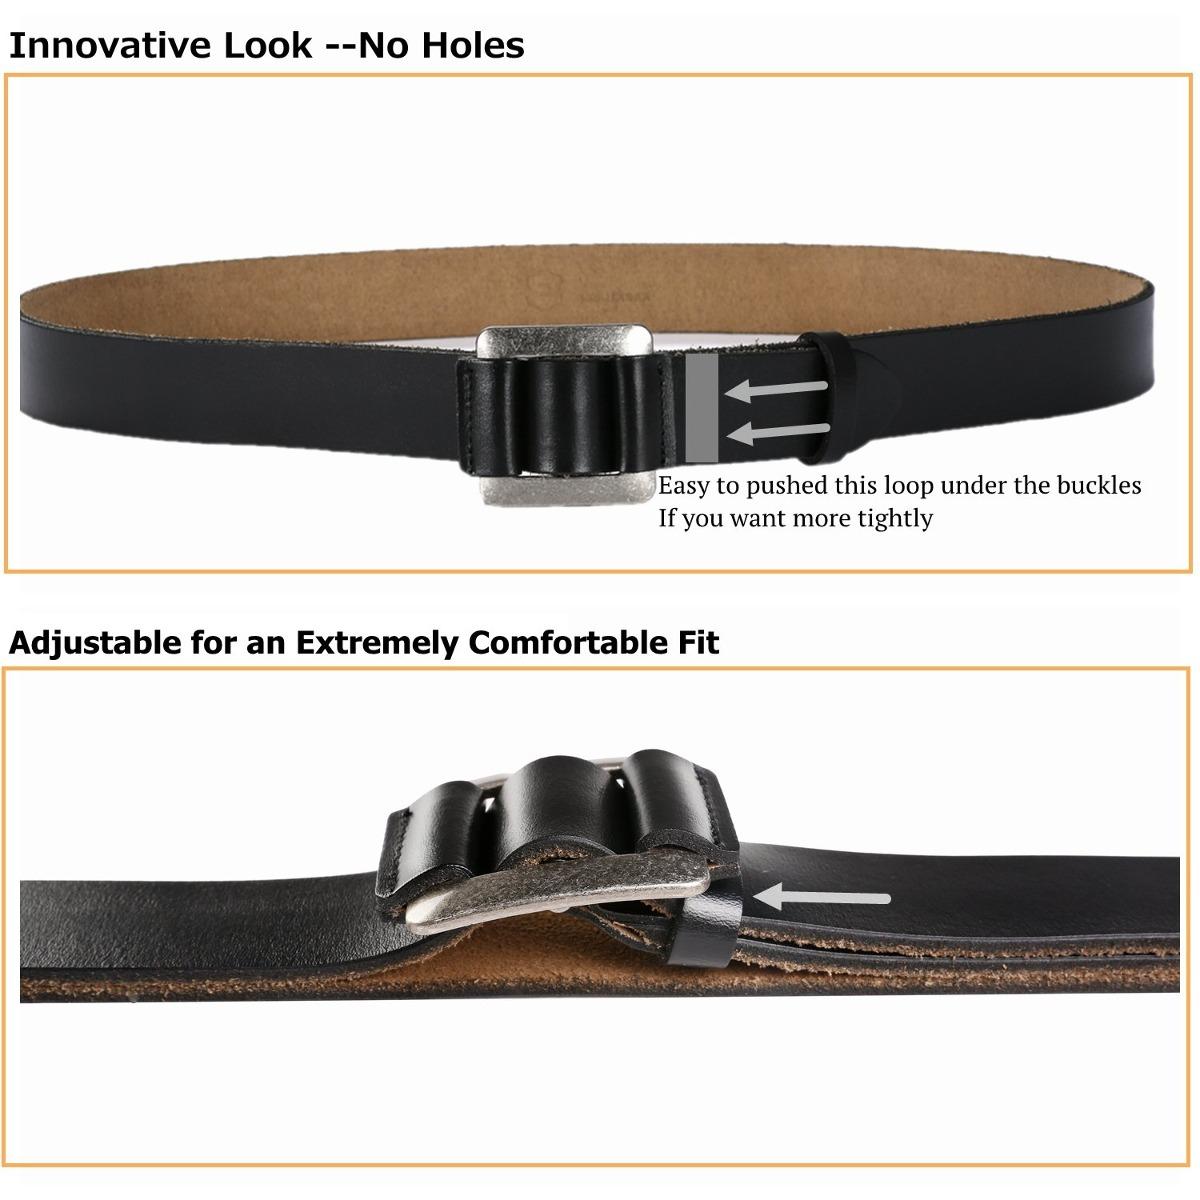 Cinturón De Cuero Para Hombre - Cinturones De Vestir Clás -   34.544 ... ab7849082aba